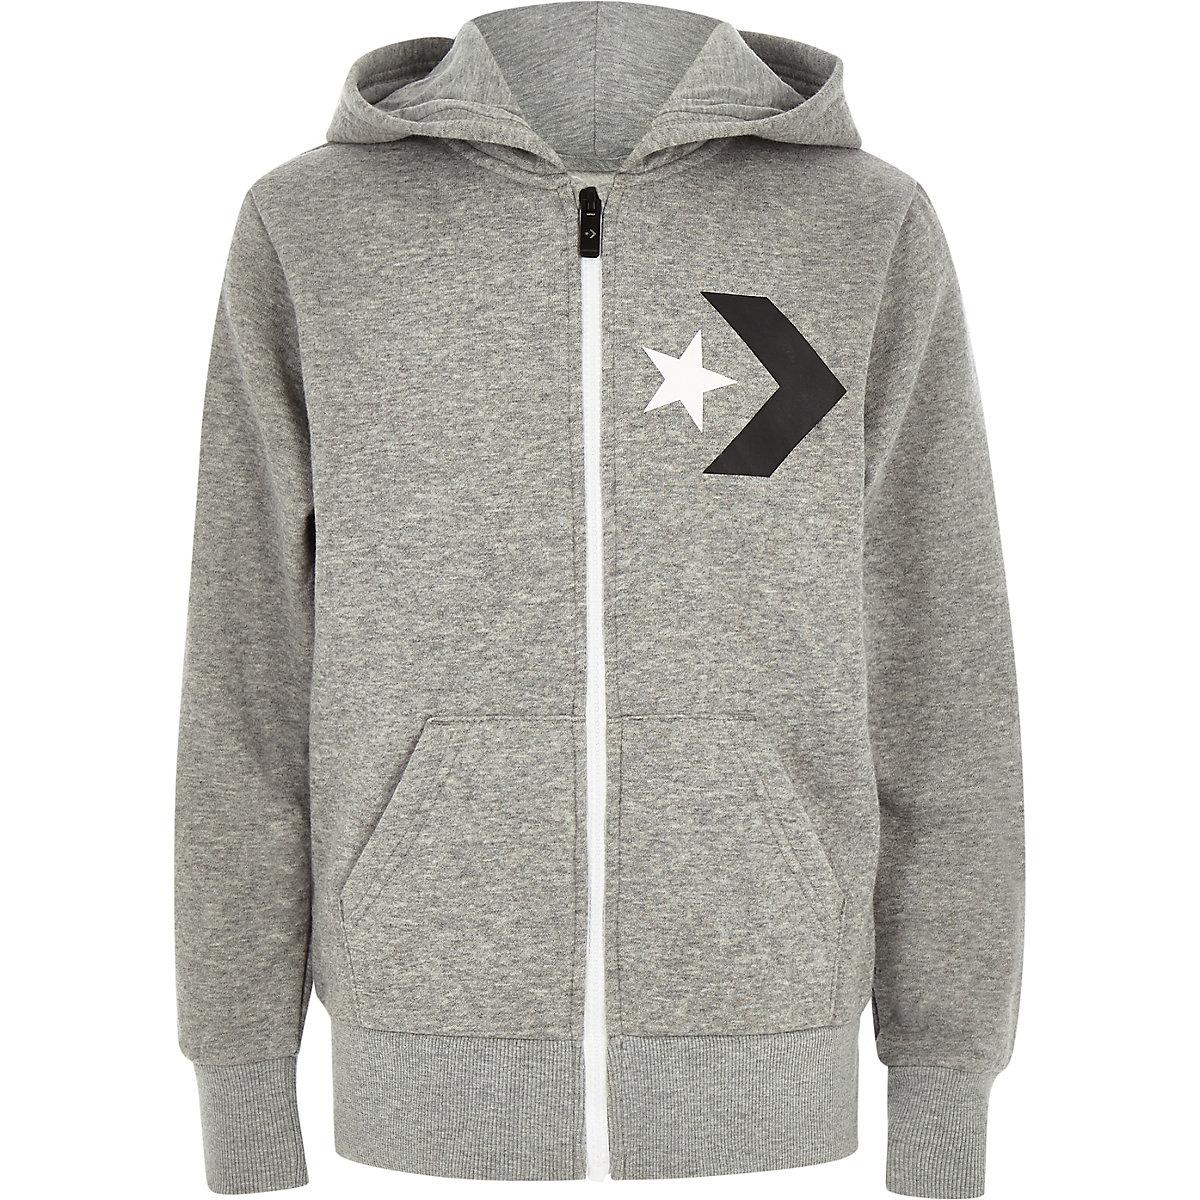 Boys Converse grey zip up tracksuit hoodie